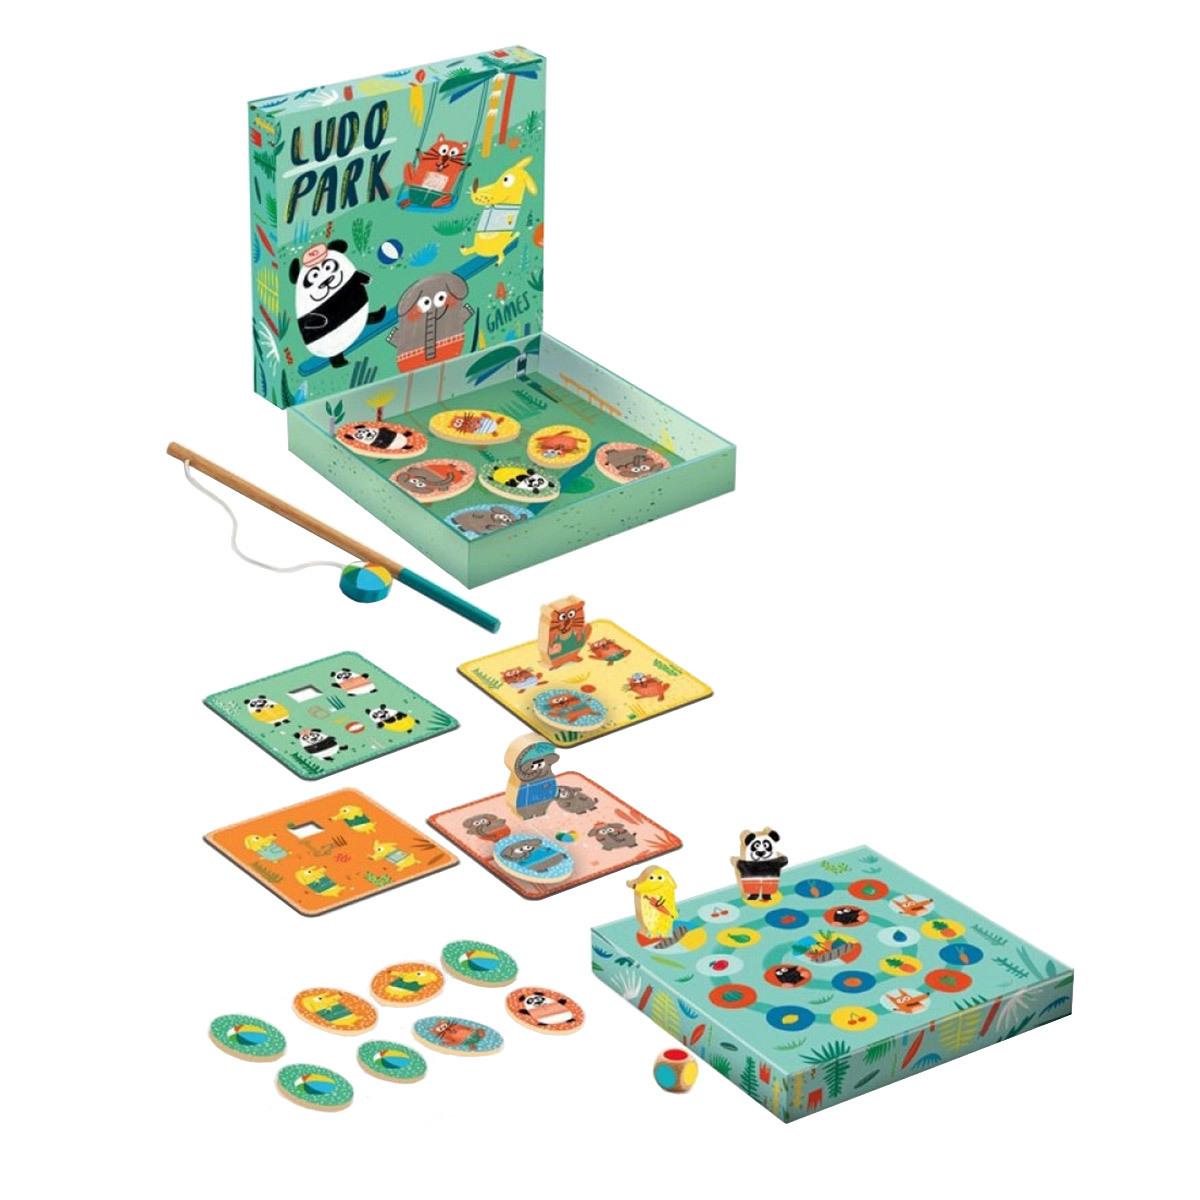 Mes premiers jouets LudoPark - 4 jeux LudoPark - 4 jeux